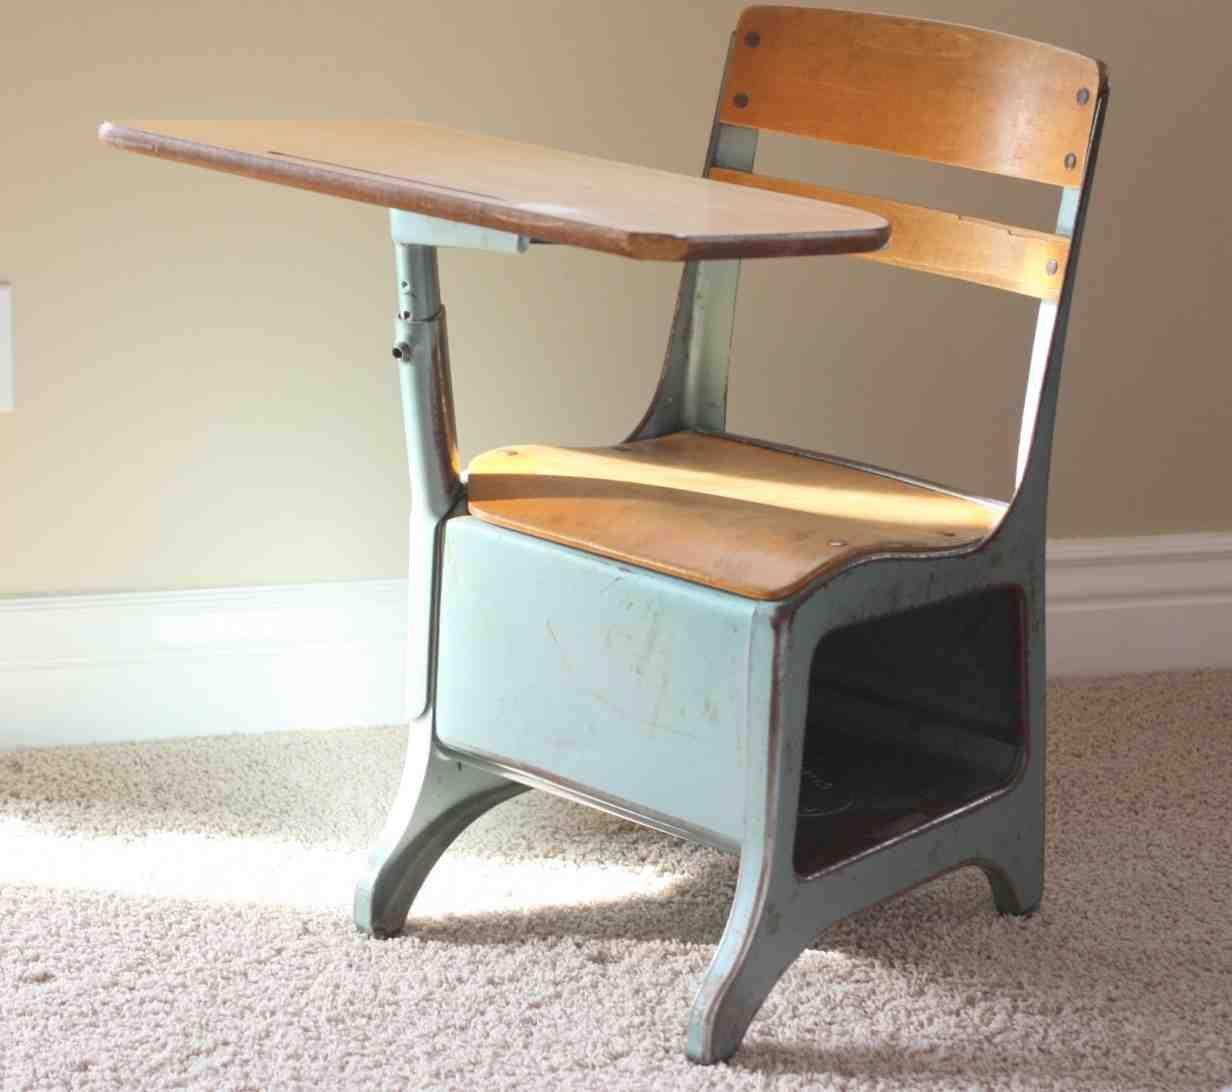 Vintage School Desks For Sale Proper Standing Desk Height